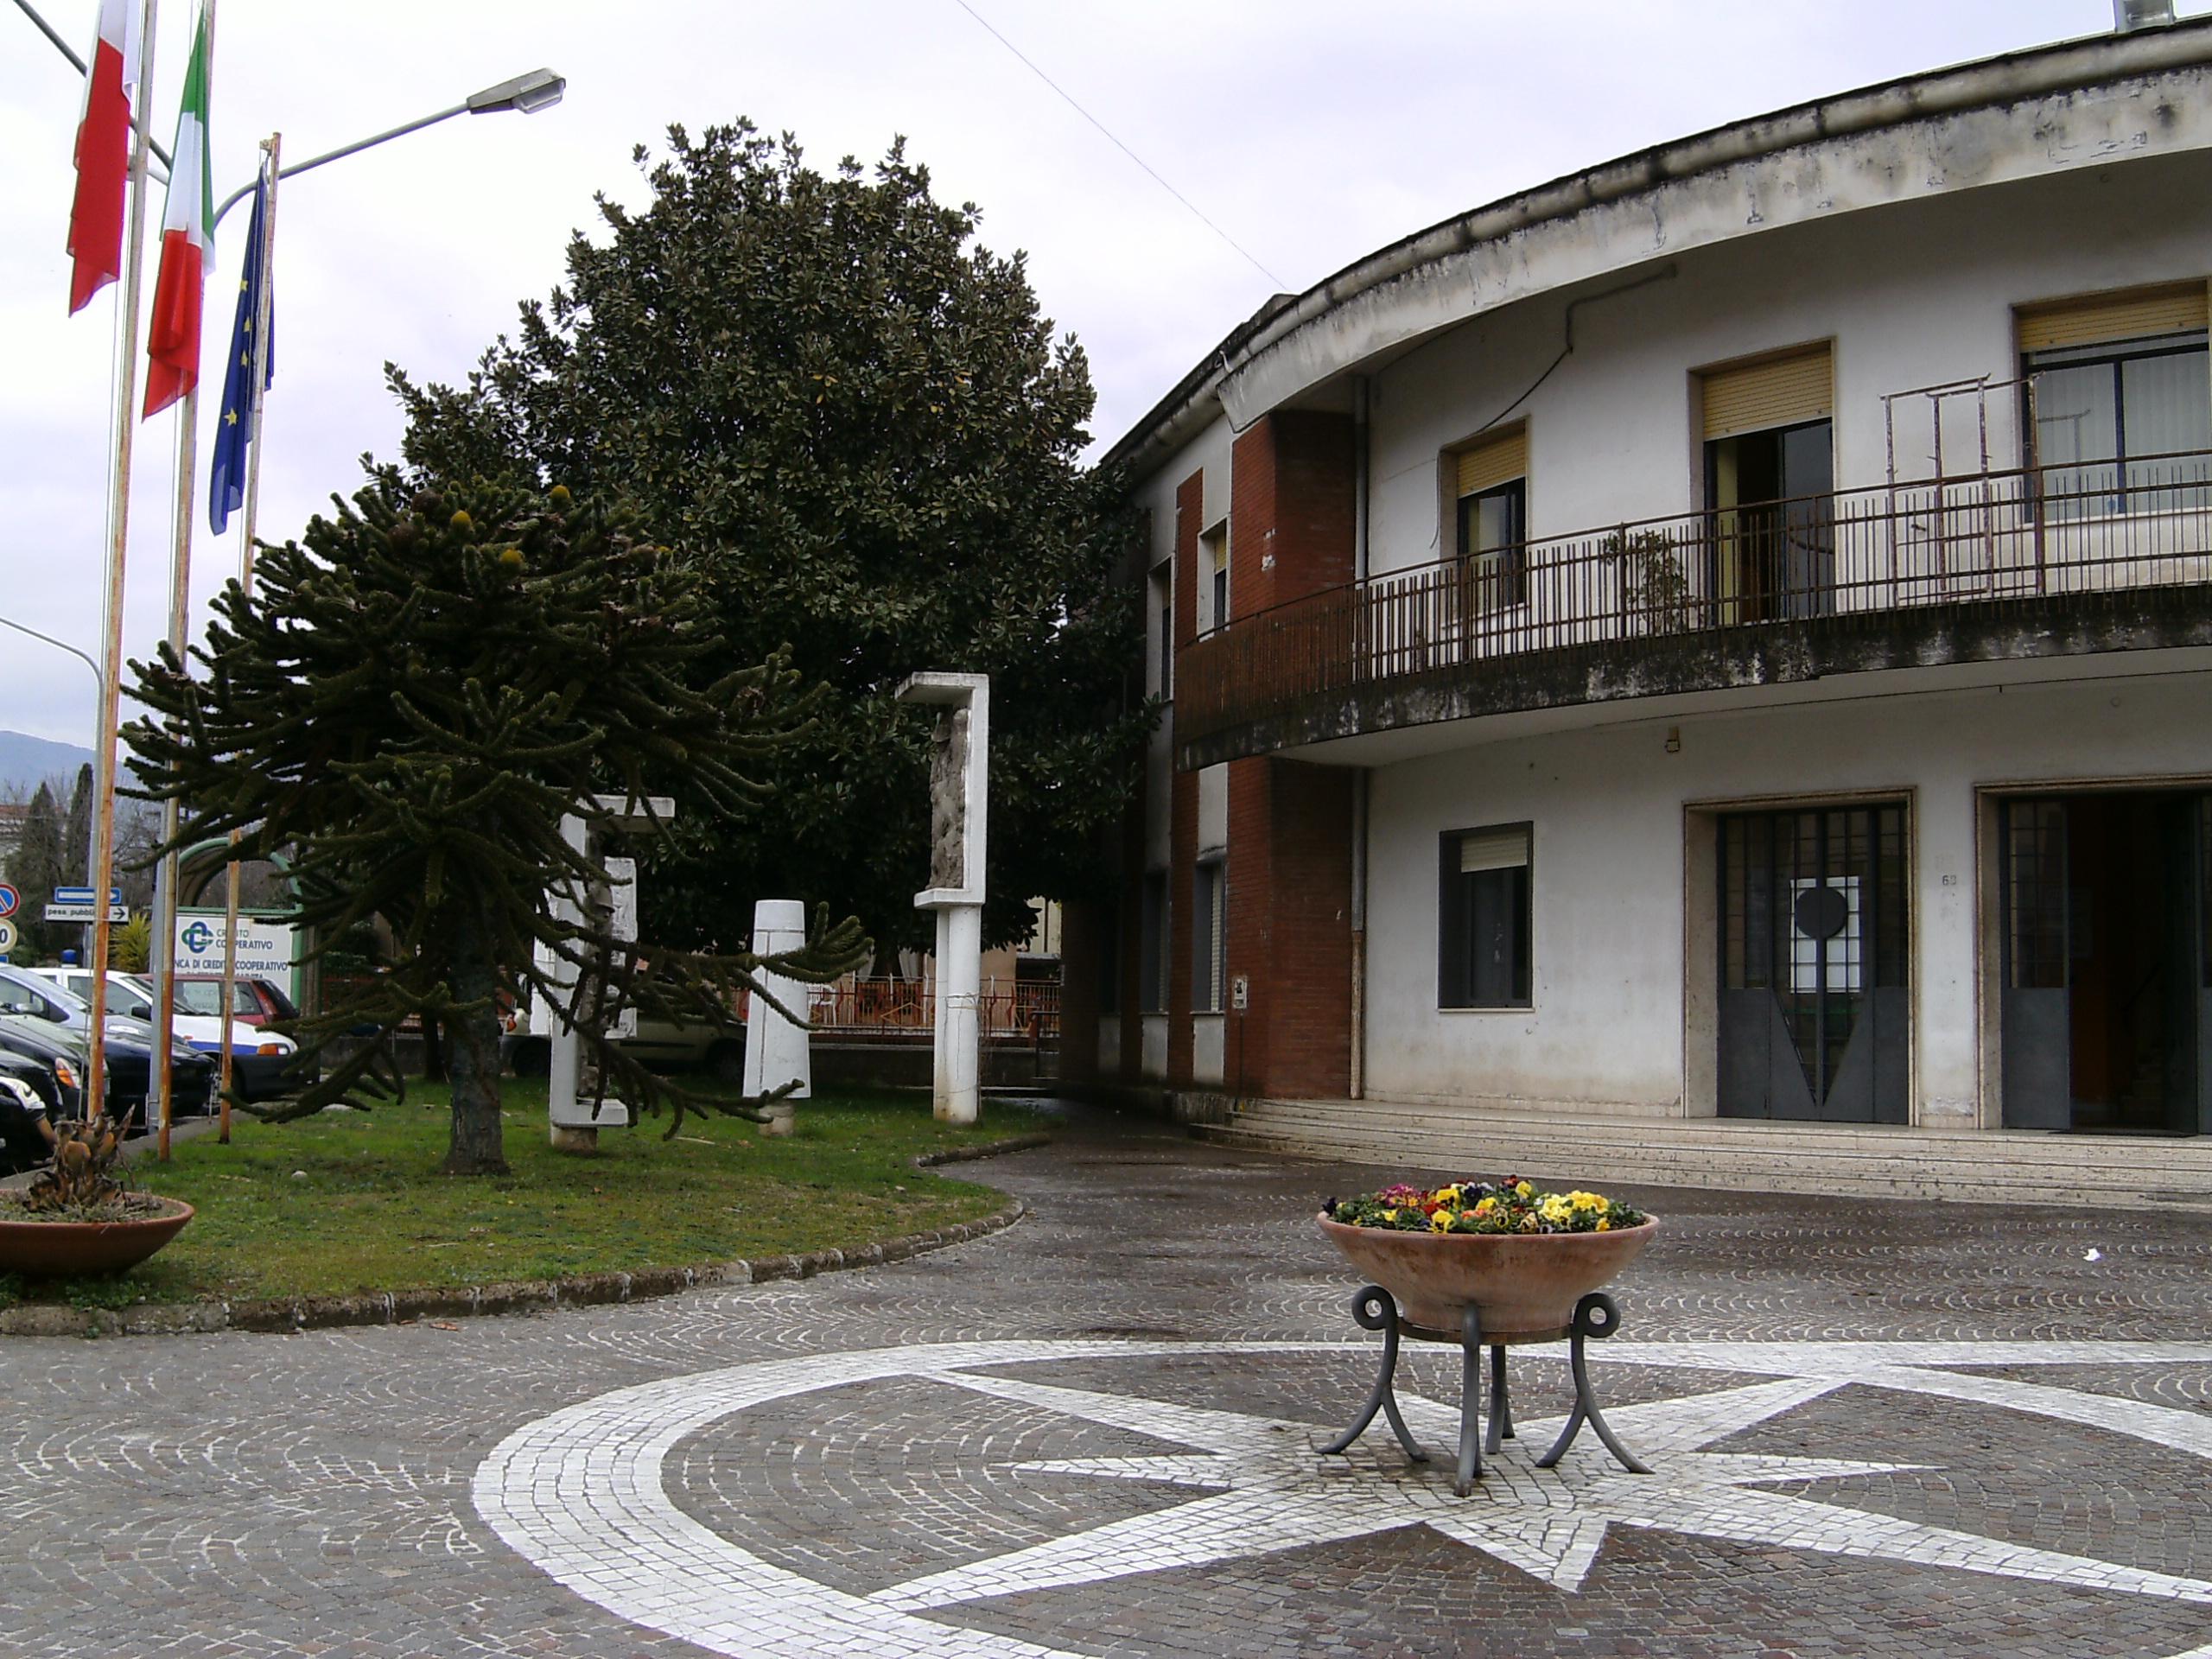 Enoteca Comunale di Castelvenere, in mostra fino a domenica foto e cartoline d'inizio Novecento